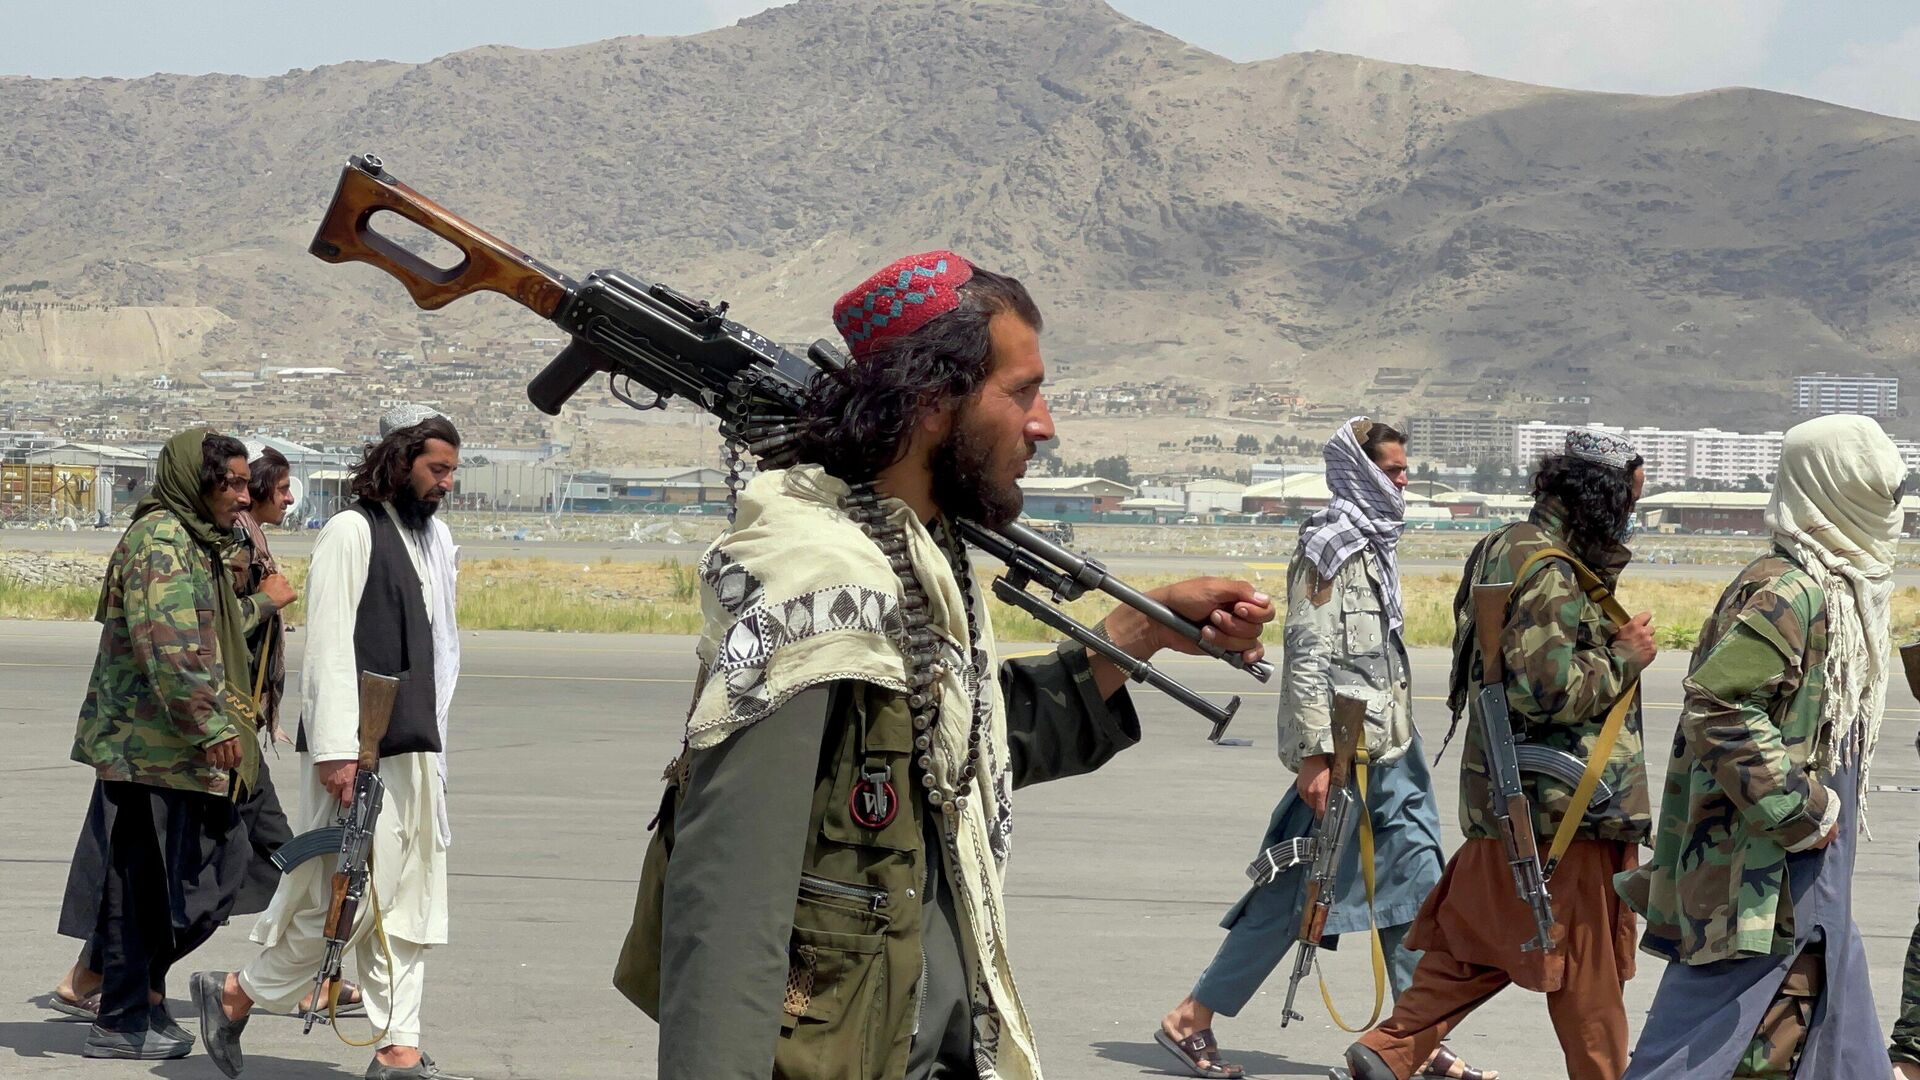 Члены Талибана* в международном аэропорту Хамида Карзая в Кабуле после вывода американских войск - РИА Новости, 1920, 02.09.2021